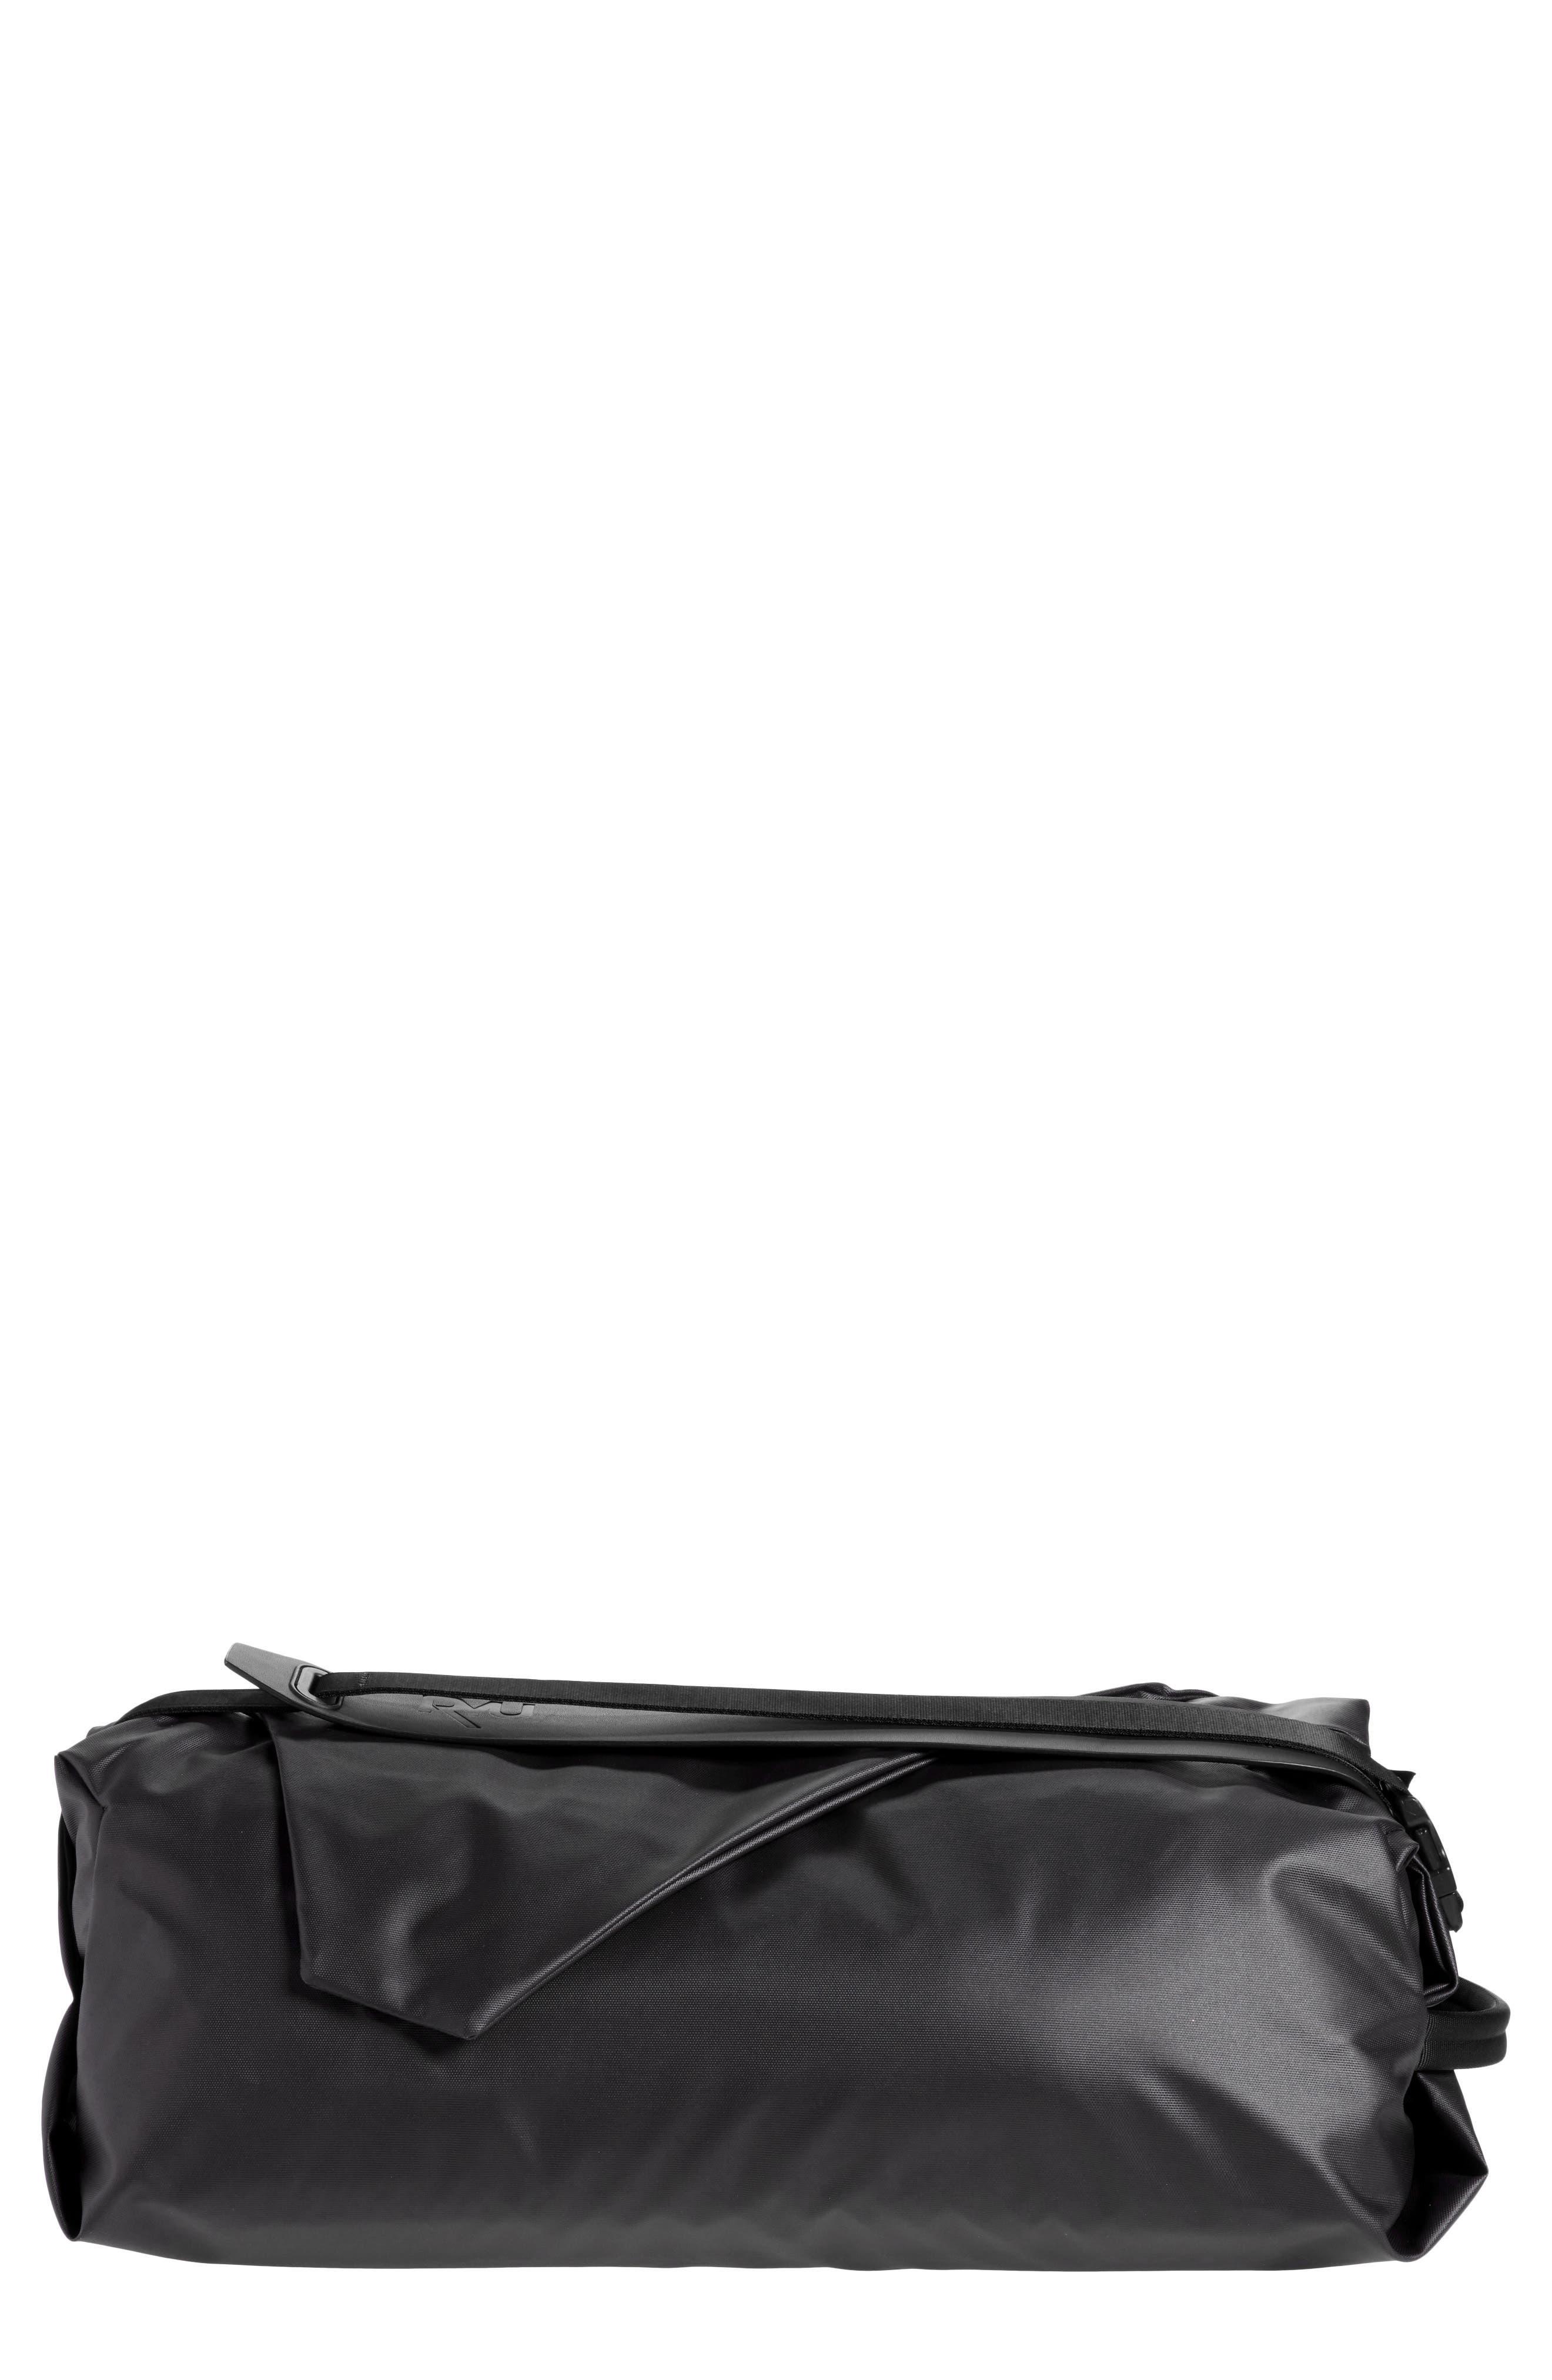 Daily Duffel Bag,                         Main,                         color, 001